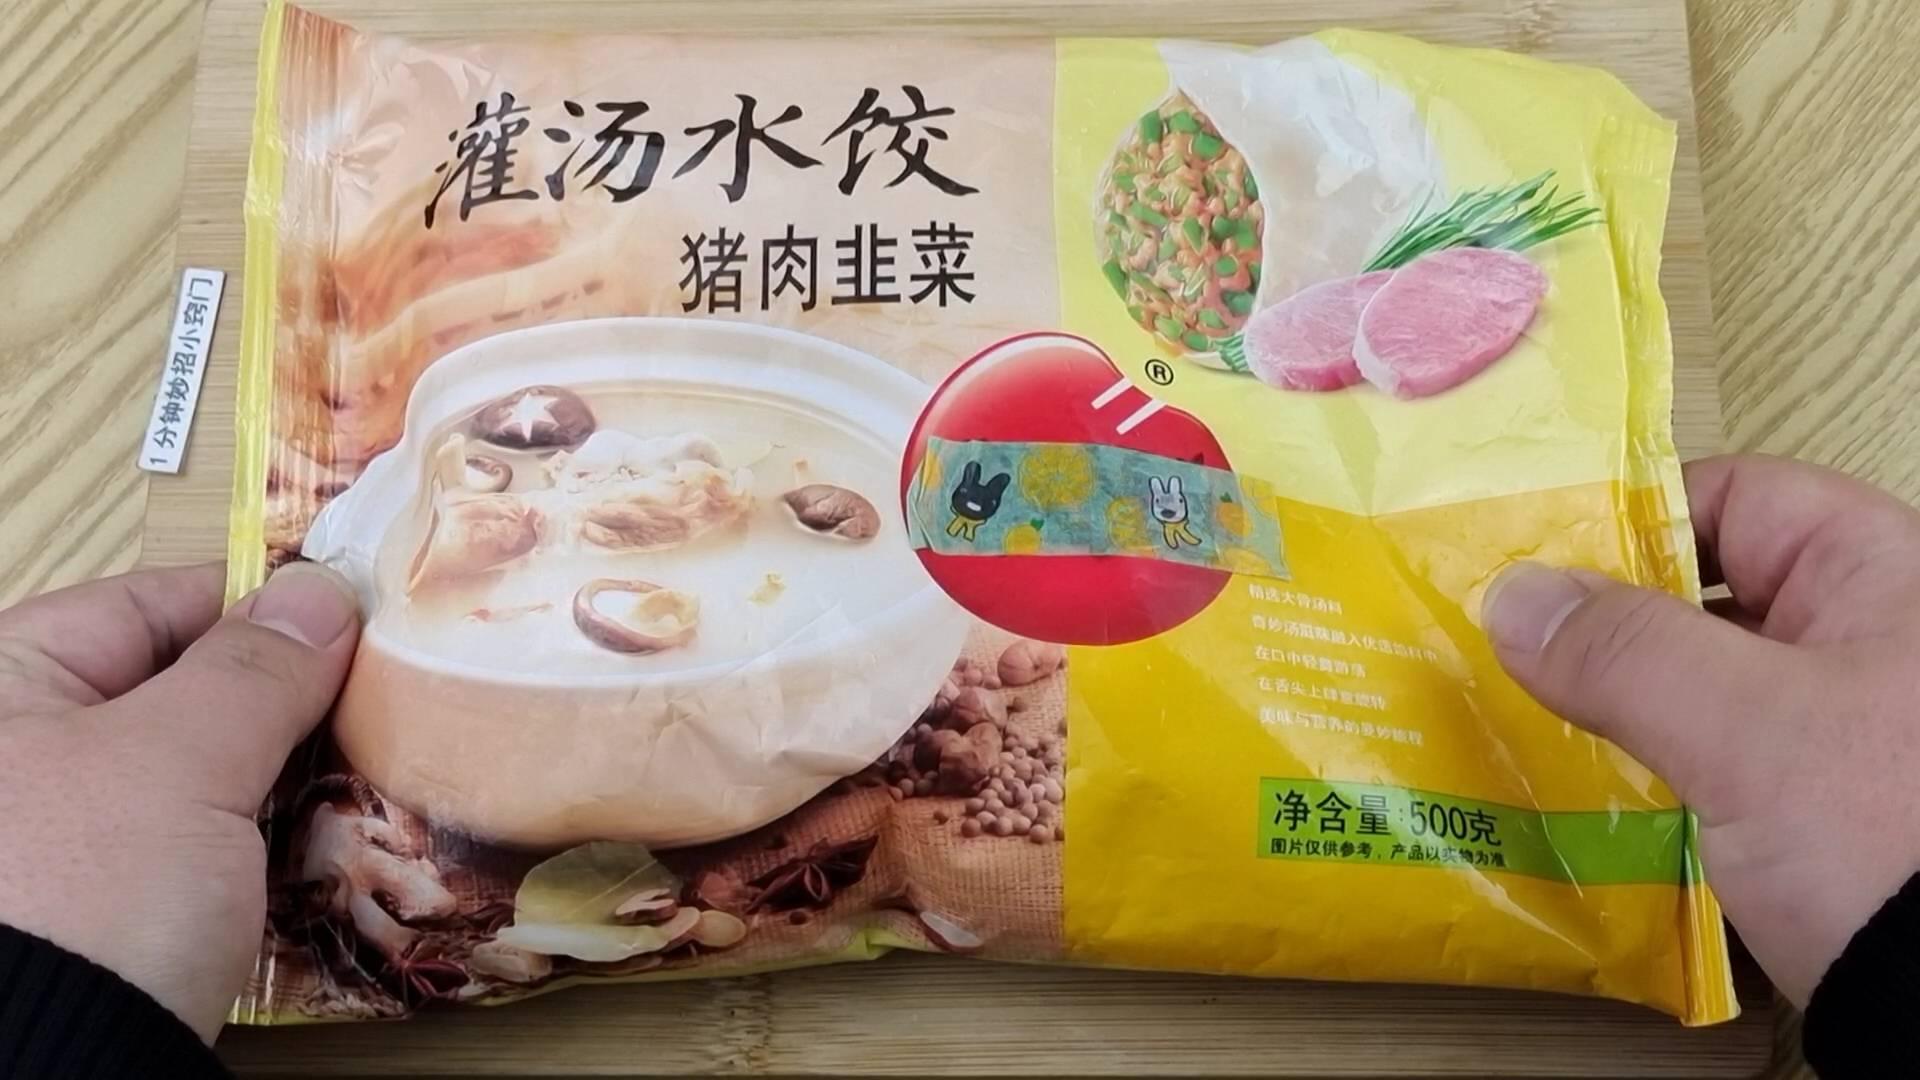 煮速冻饺子时,冷水下锅还是开水下锅?教你一招,不粘锅不破皮